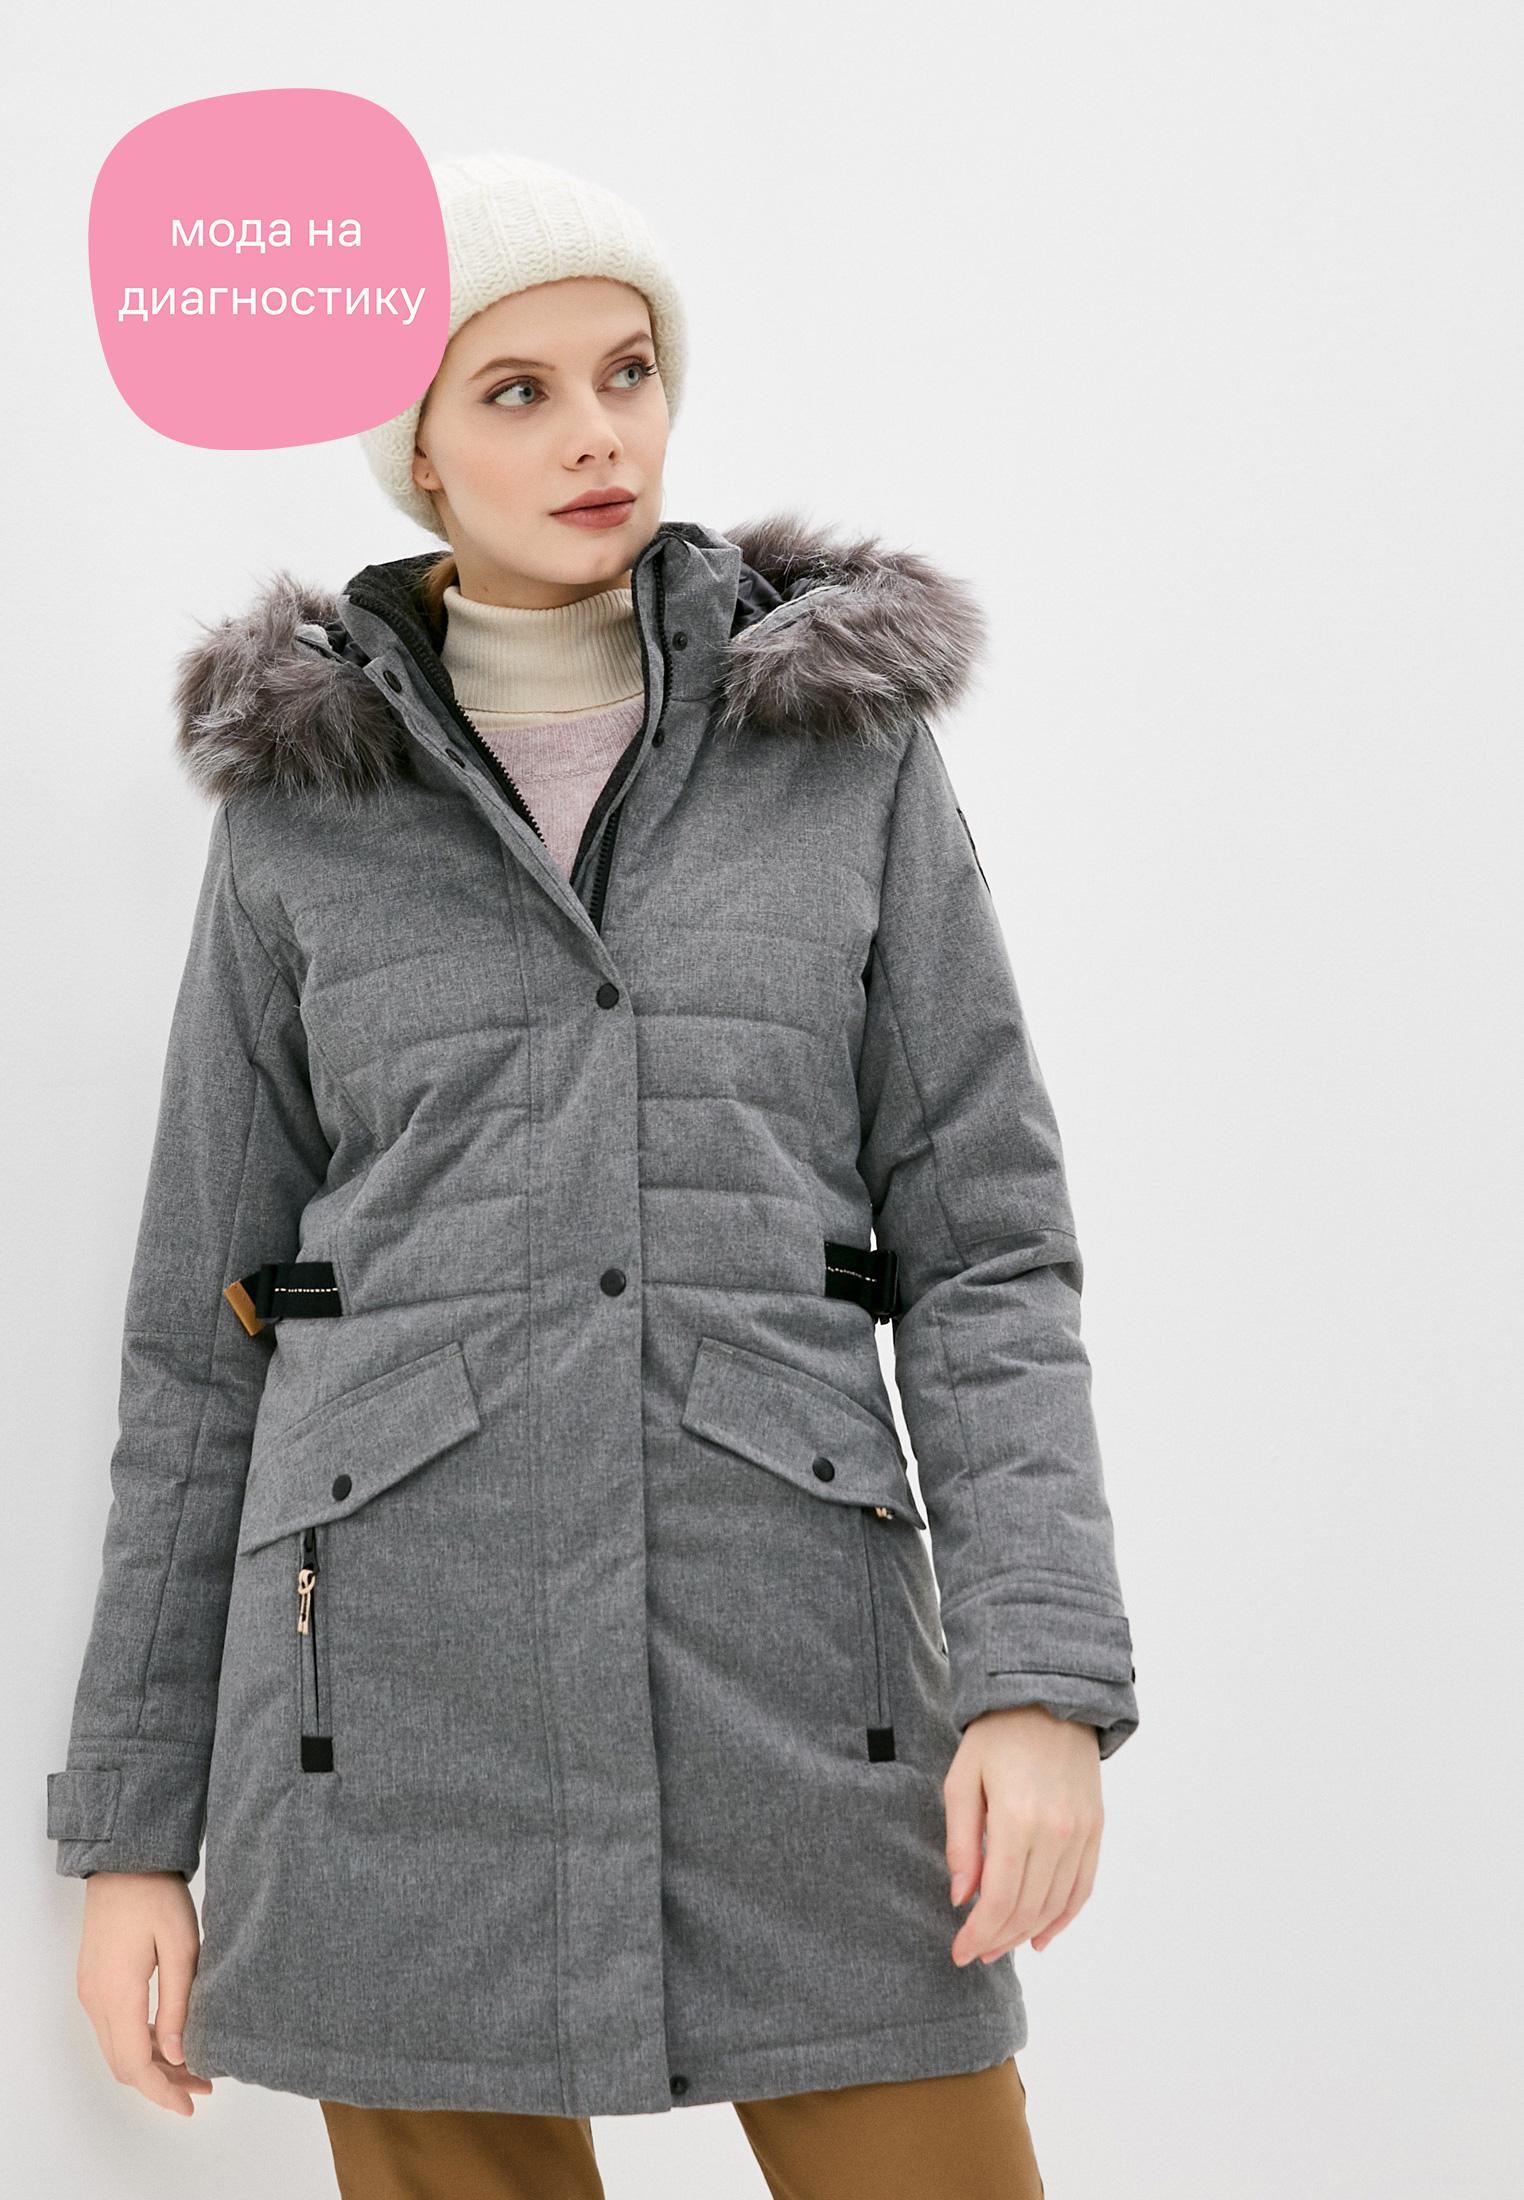 Женская верхняя одежда Torstai 641202024VRU